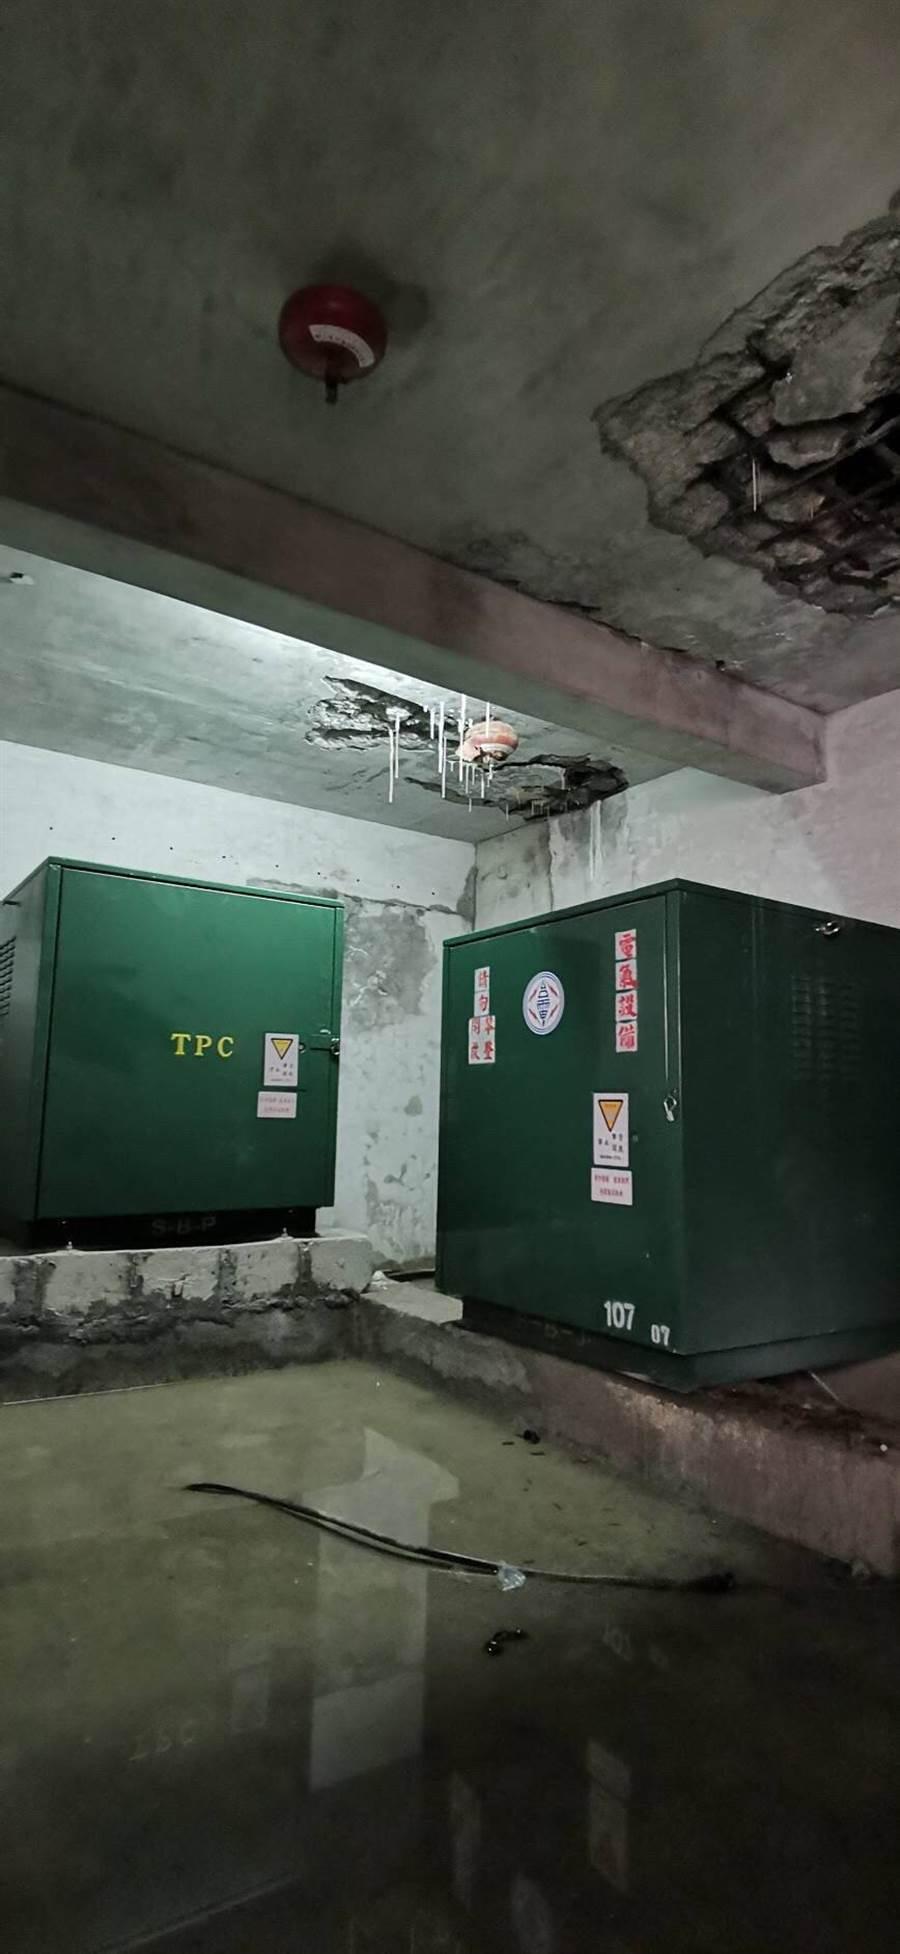 台中市漢口國中的行政大樓已有27年歷史,早期興建時,在地下室裝設一組台電的高壓變電設施,但因建物老舊,每逢雨天就會造成地下室漏水。(盧金足攝)